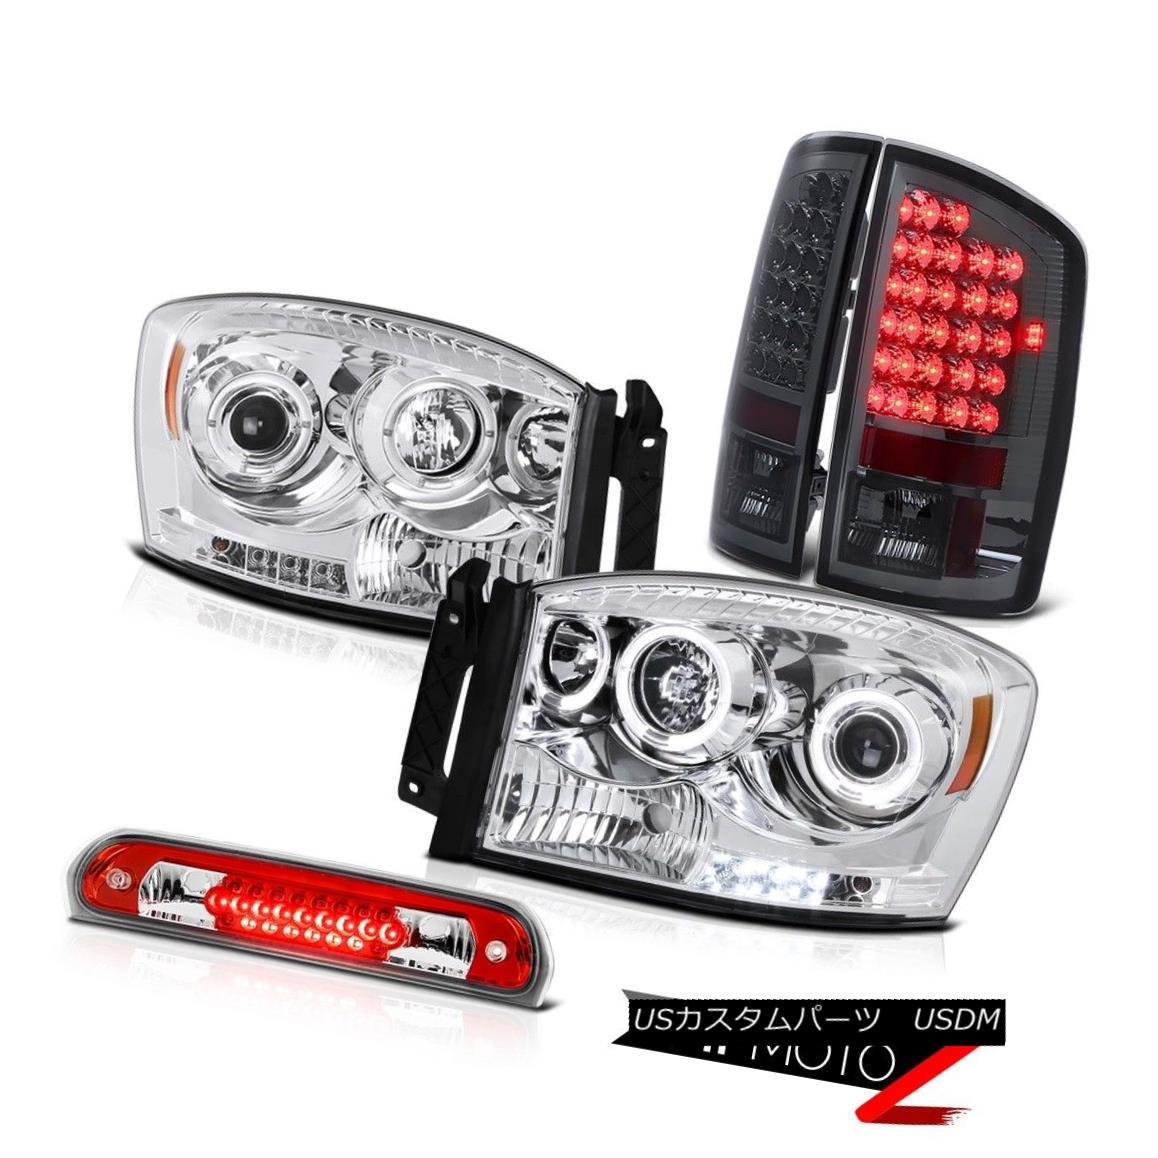 テールライト Chrome LED Daytime Headlights Brake Tail Lights Roof Red 2007-2008 Ram Magnum V8 クロームLED昼間ヘッドライトブレーキテールライトルーフレッド2007-2008ラムマグナムV8